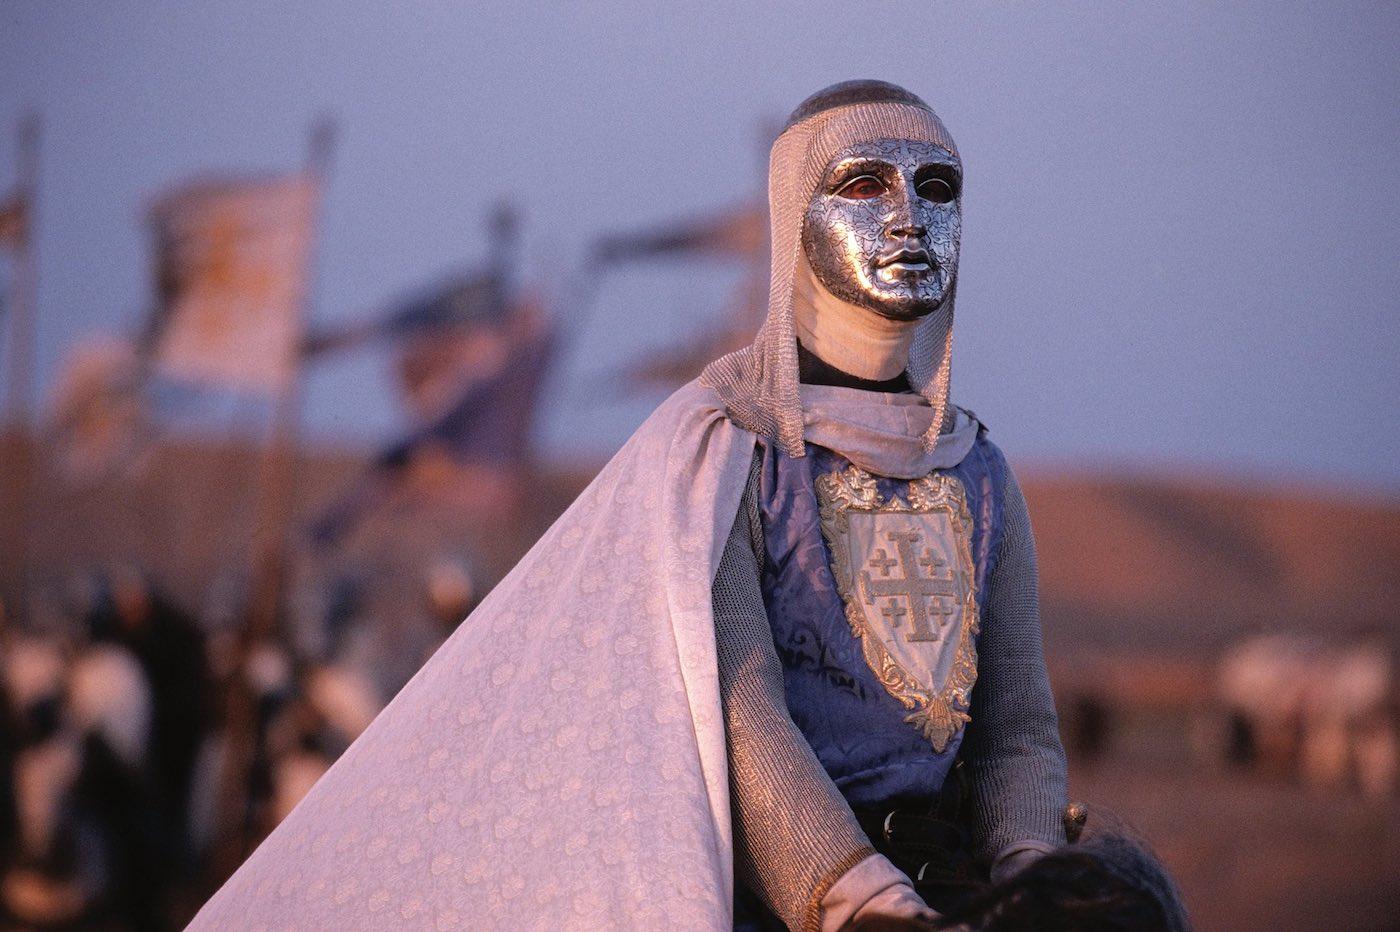 El reino de los cielos, de Ridley Scott